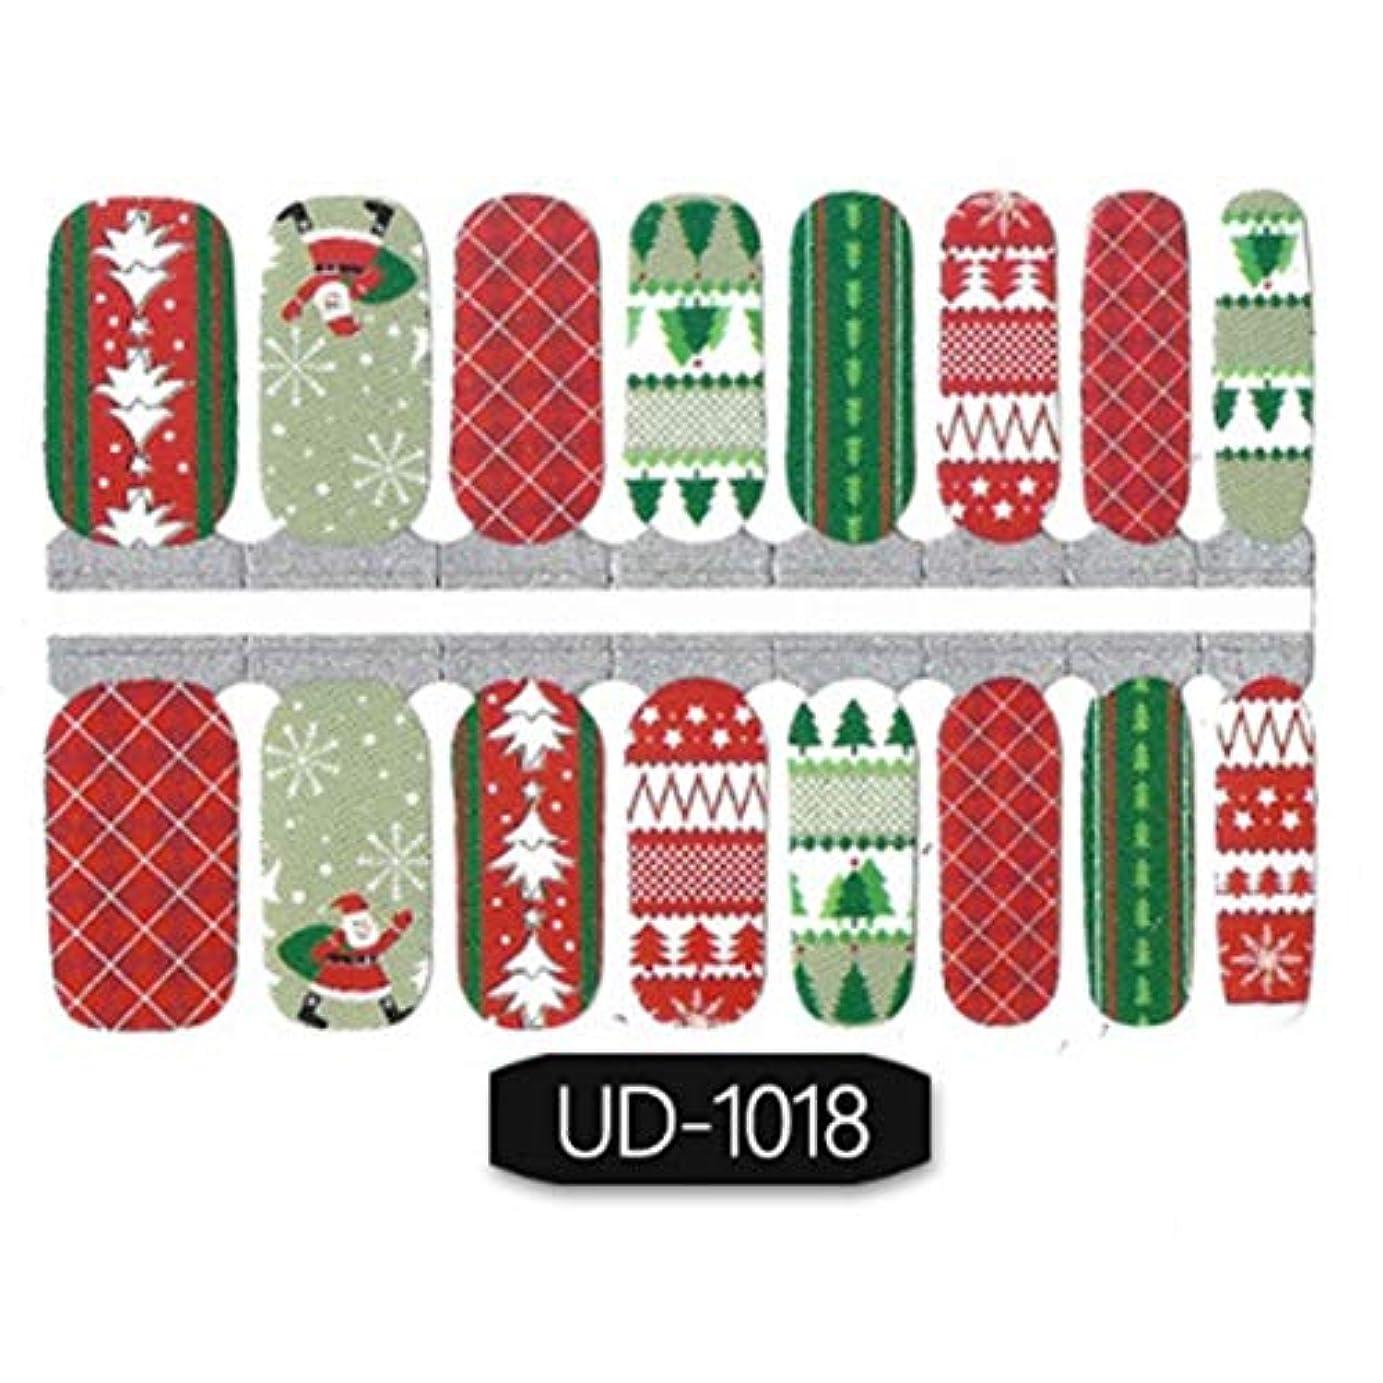 未知の絡み合いメンダシティACHICOO ネイルシール ステッカー セット 16パターン クリスマス 粘着紙 デコレーション 超可愛い オシャレ UD-1018 通常の仕様